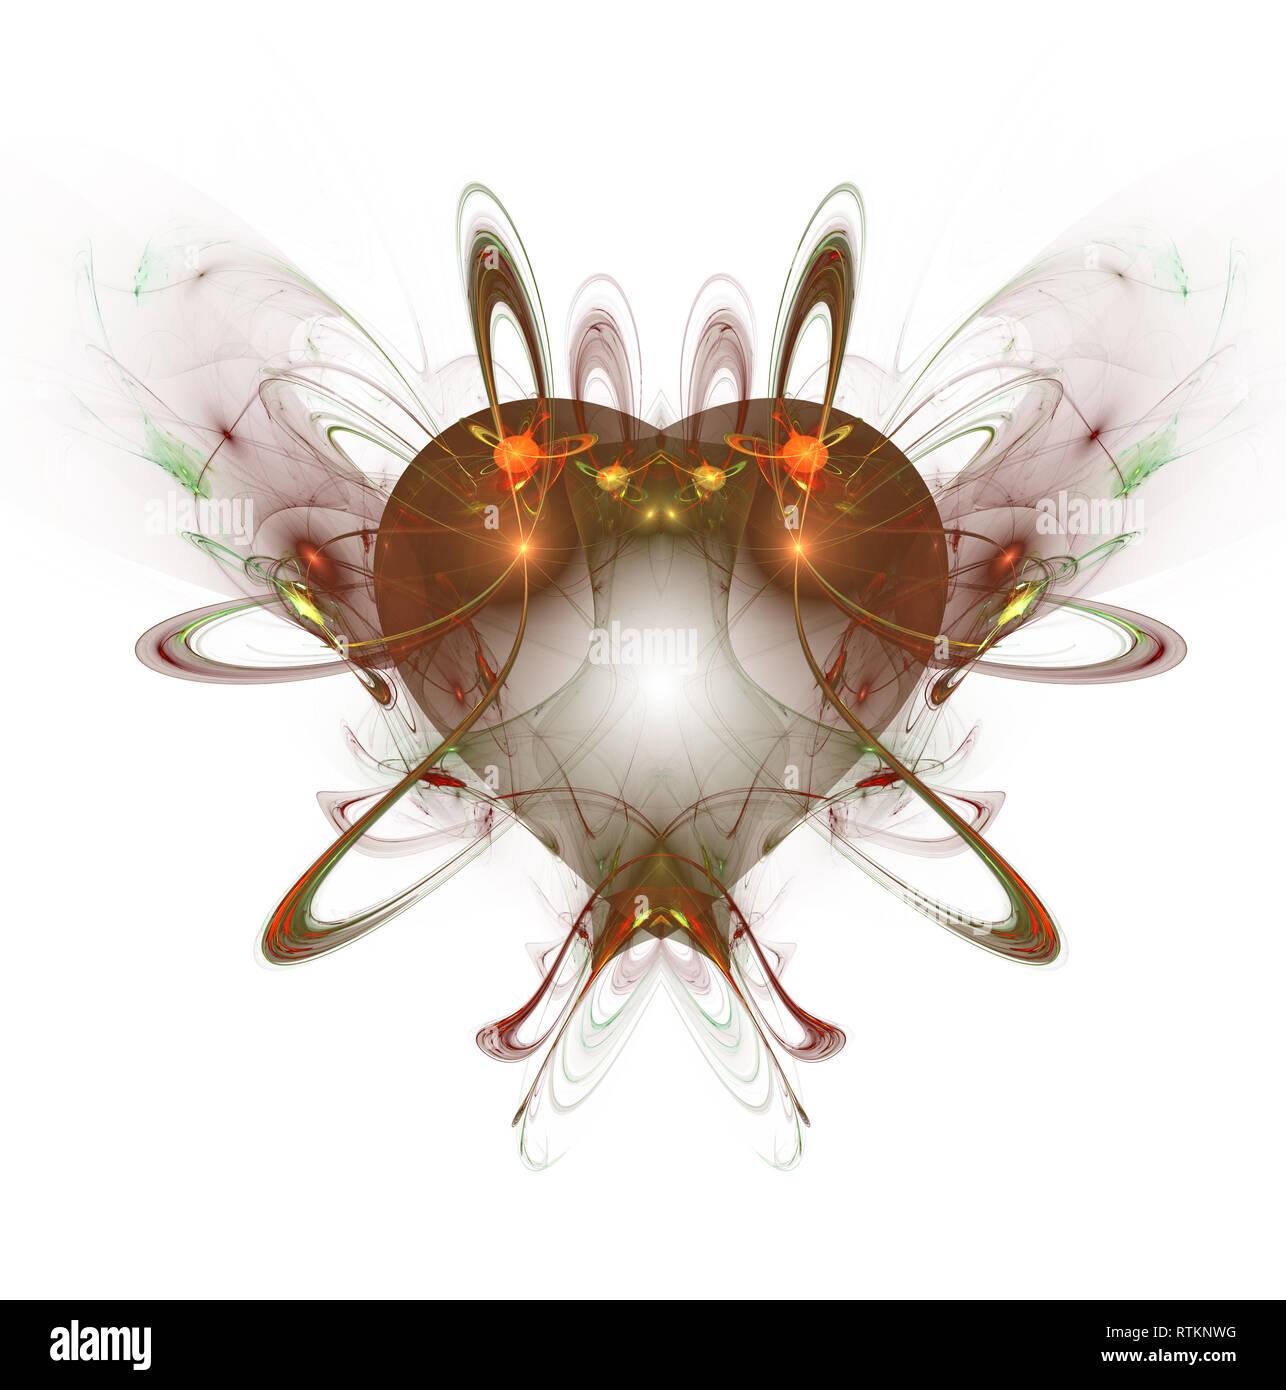 Brûlures et cœur qui bat. Arrière-plan de la Saint-Valentin. Un ordinateur abstrait moderne design fractales générées sur fond sombre. Résumé couleur fractale Banque D'Images